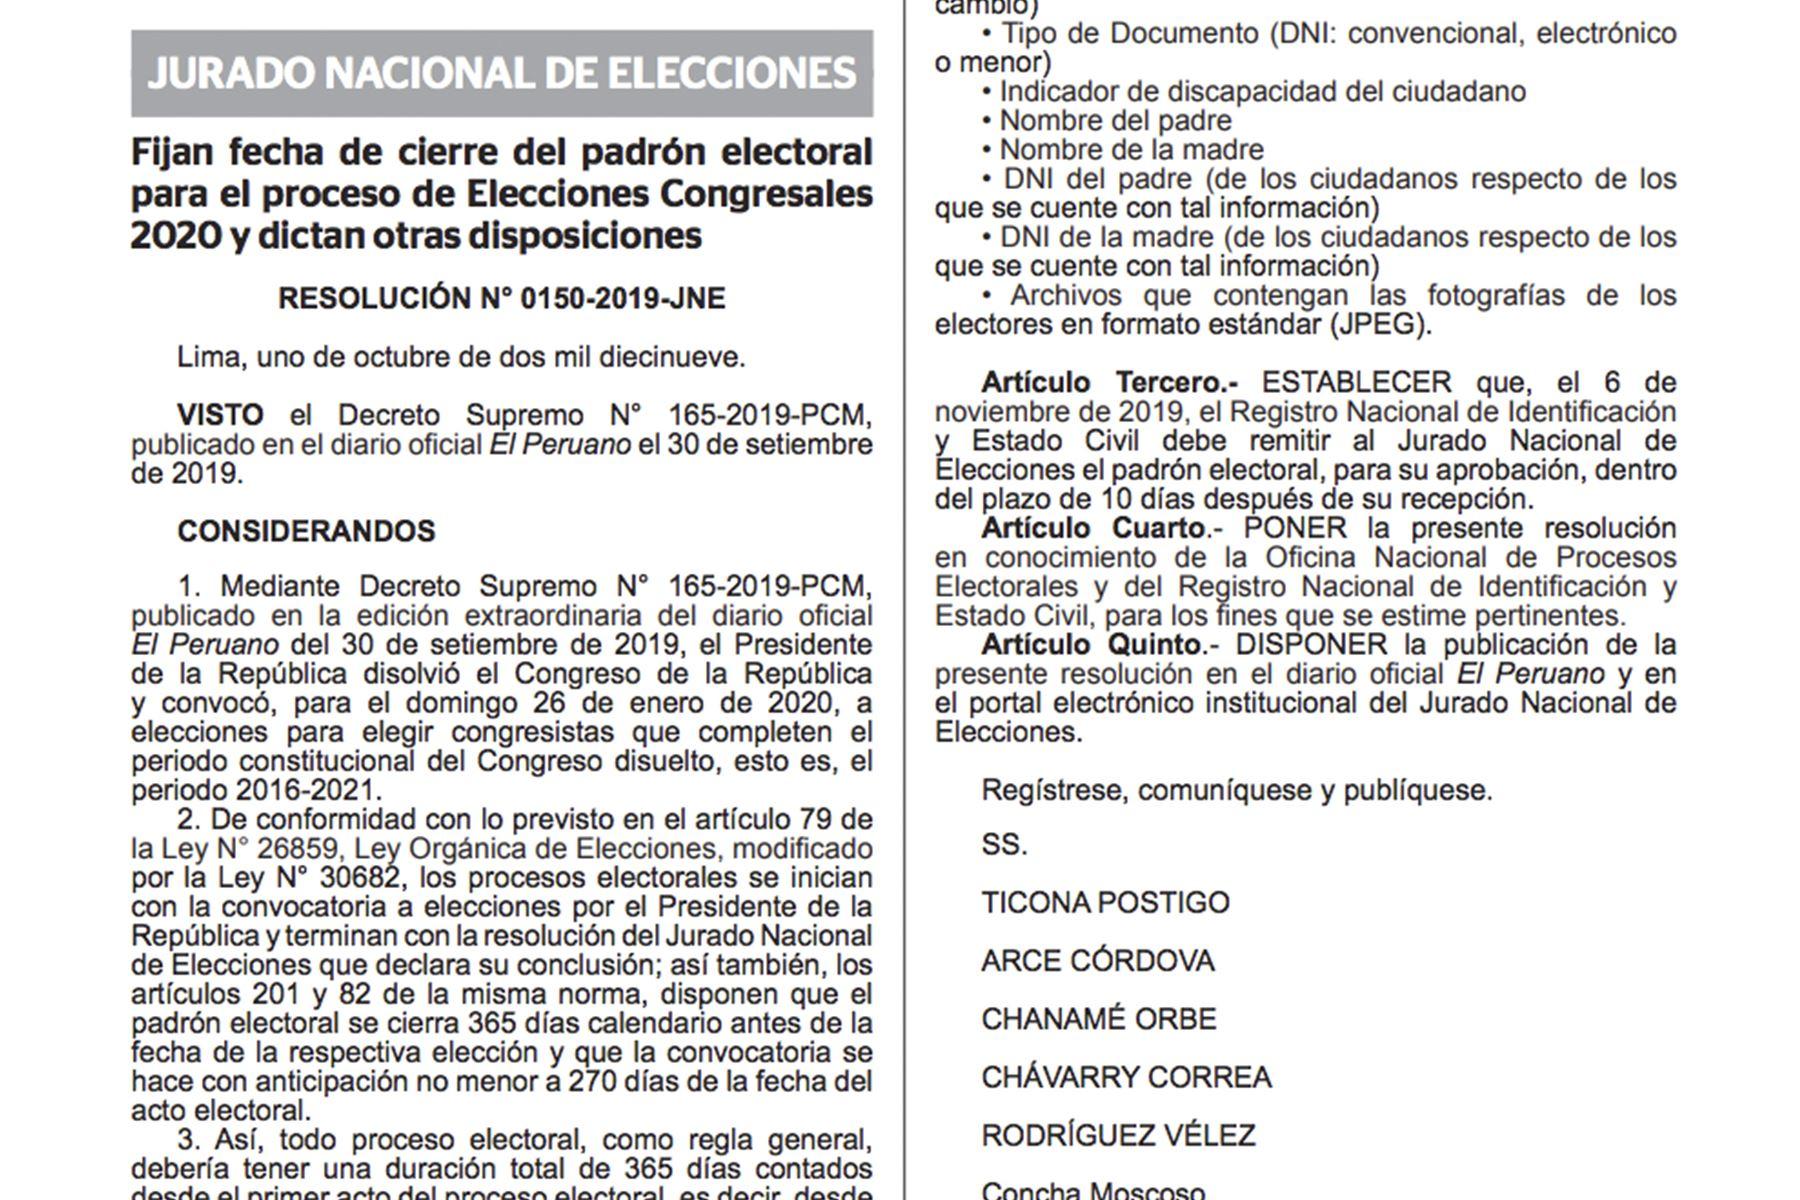 Publican resolución del JNE sobre elecciones parlamentarias del 26 de enero del 2020.